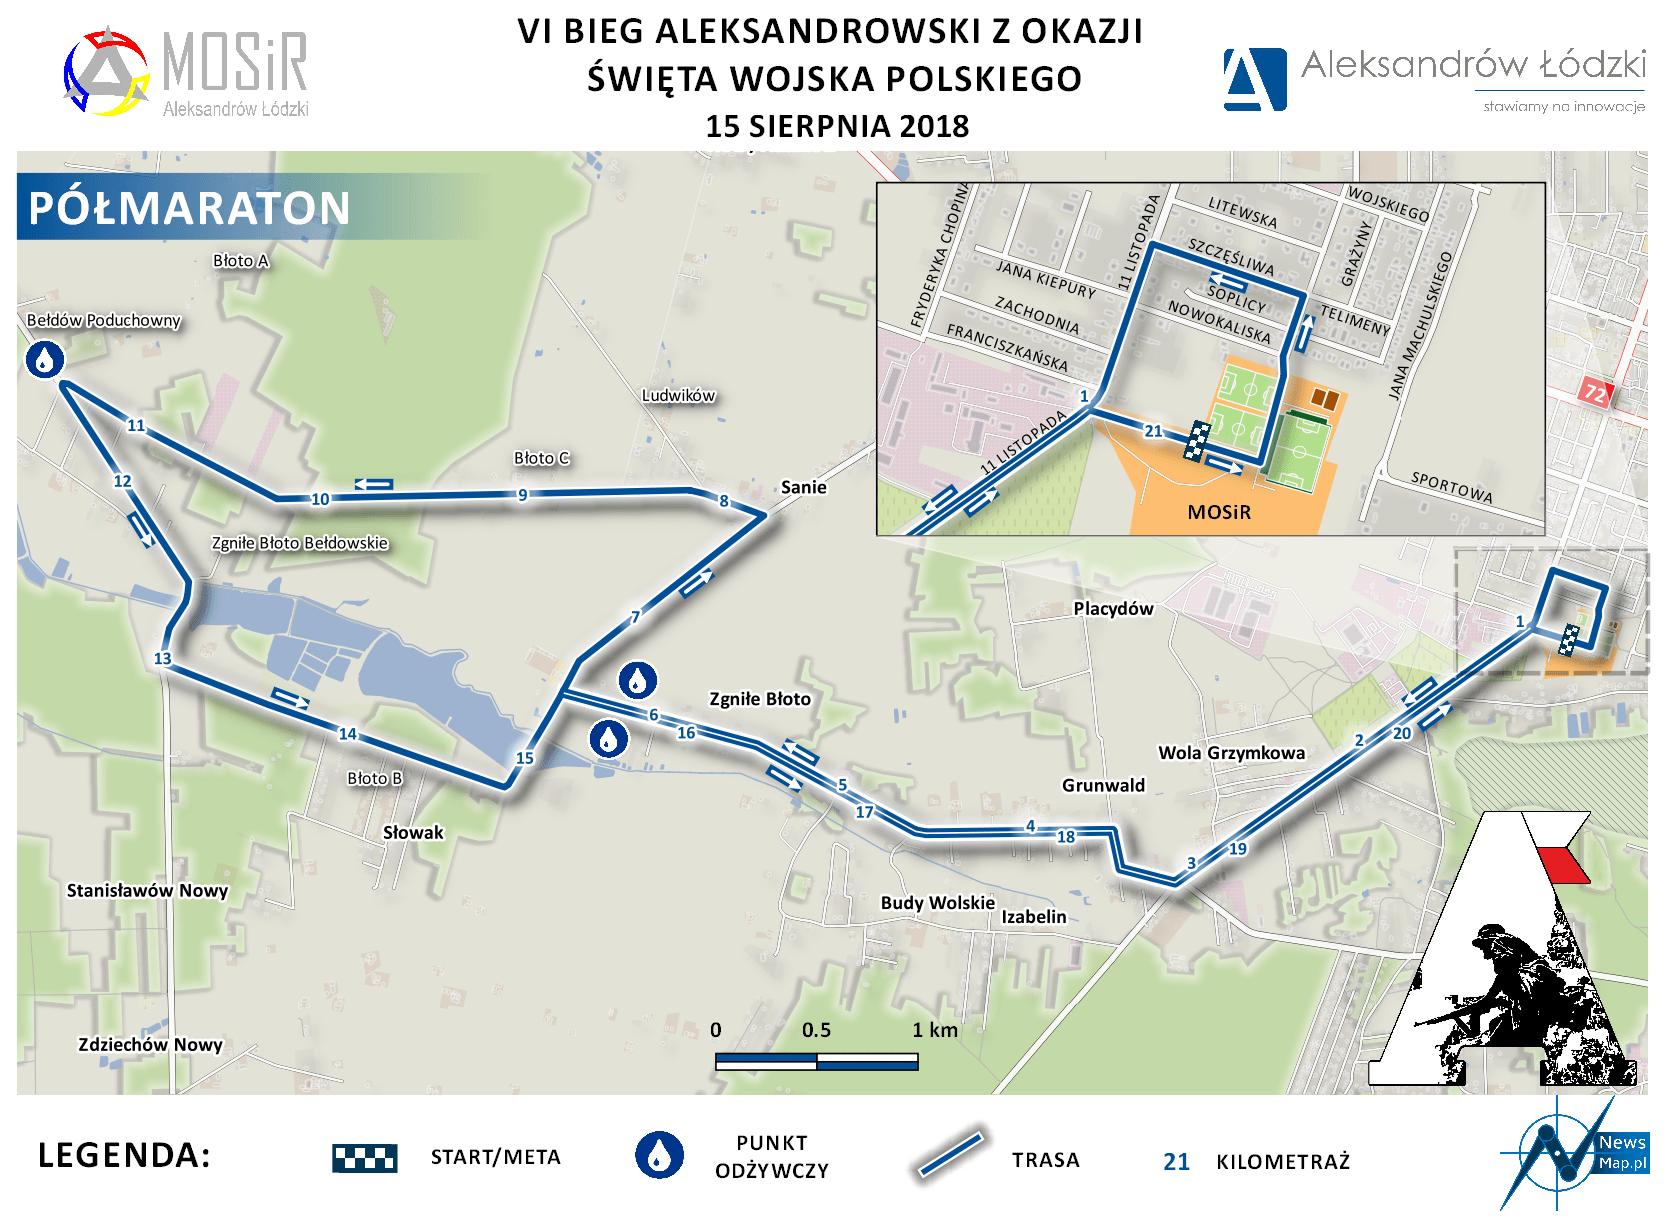 Bieg Aleksandrowski 2018 - półmaraton - mapa statyczna (on-line)